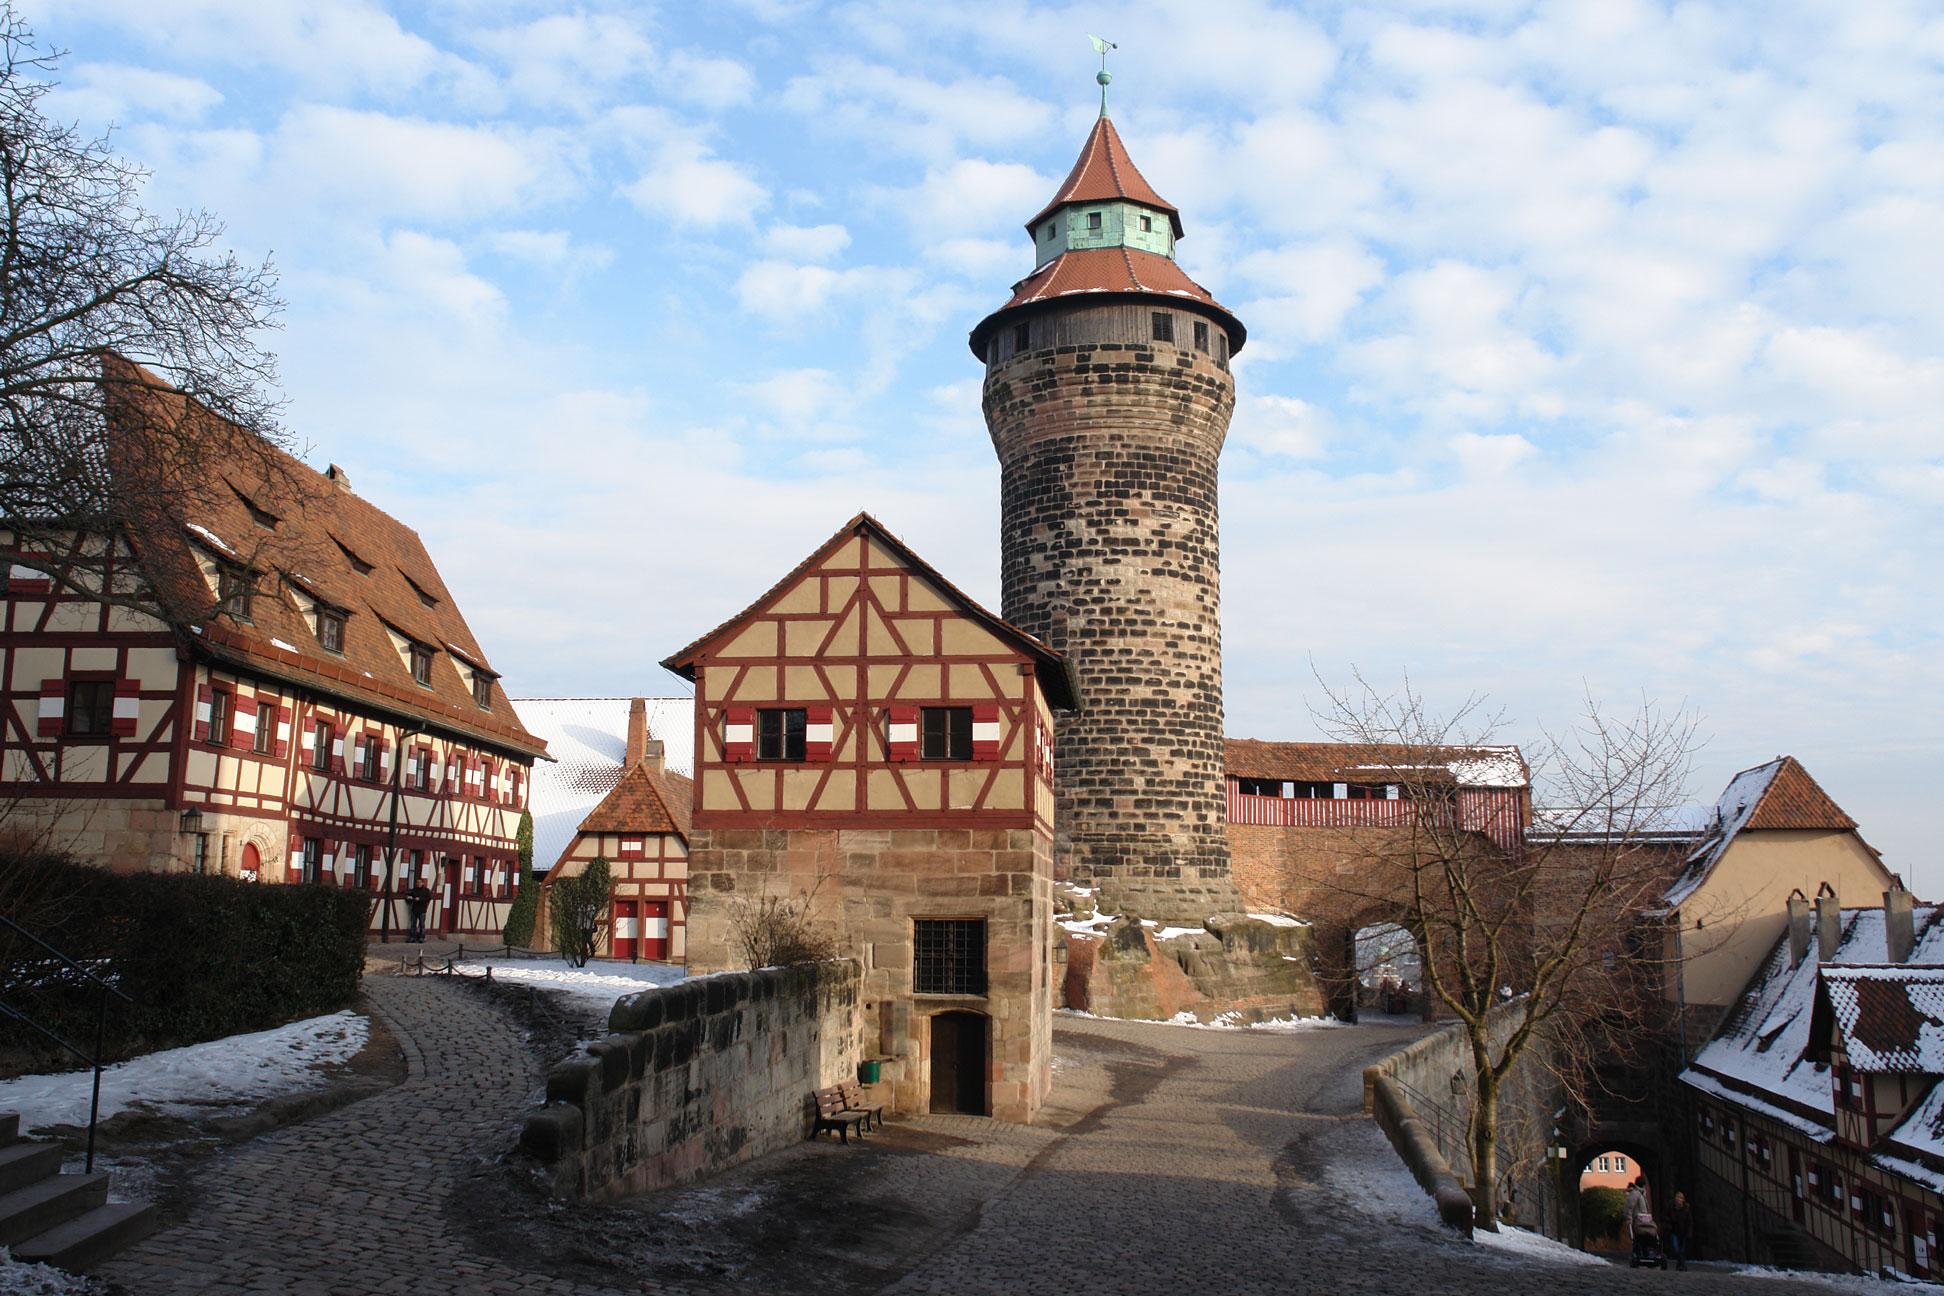 纽伦堡(Nürnberg)